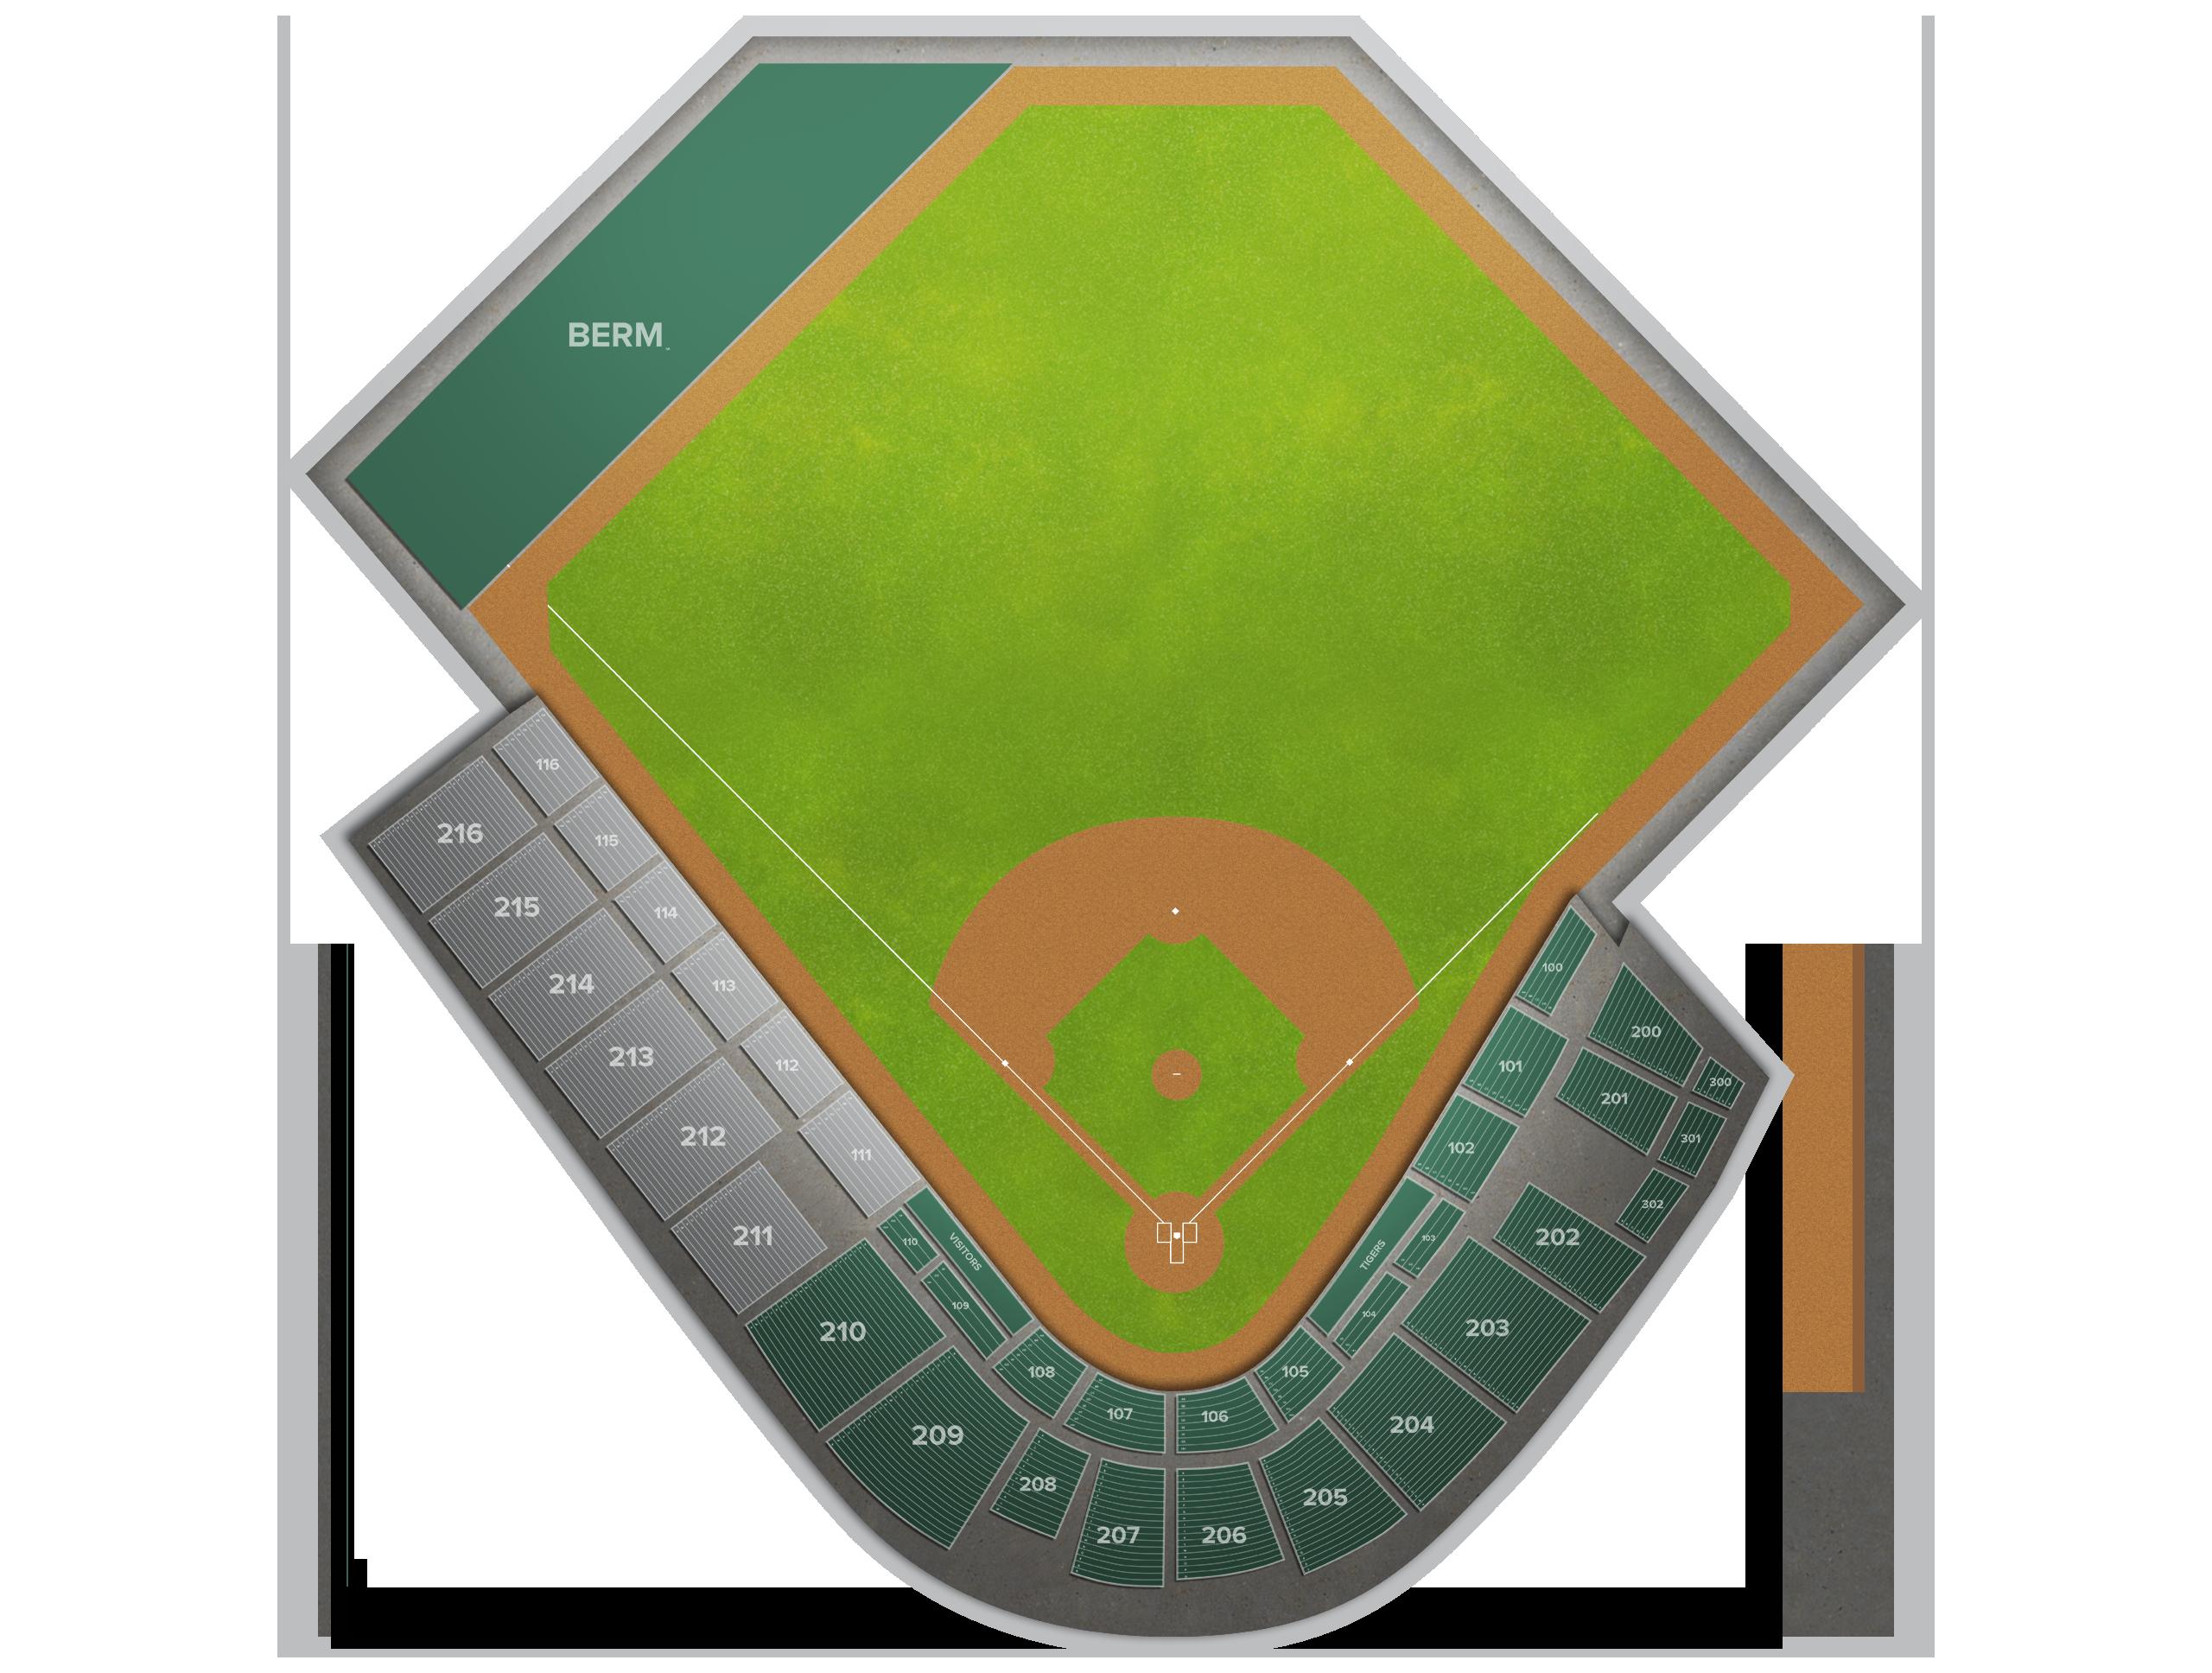 Joker Marchant Stadium Tickets